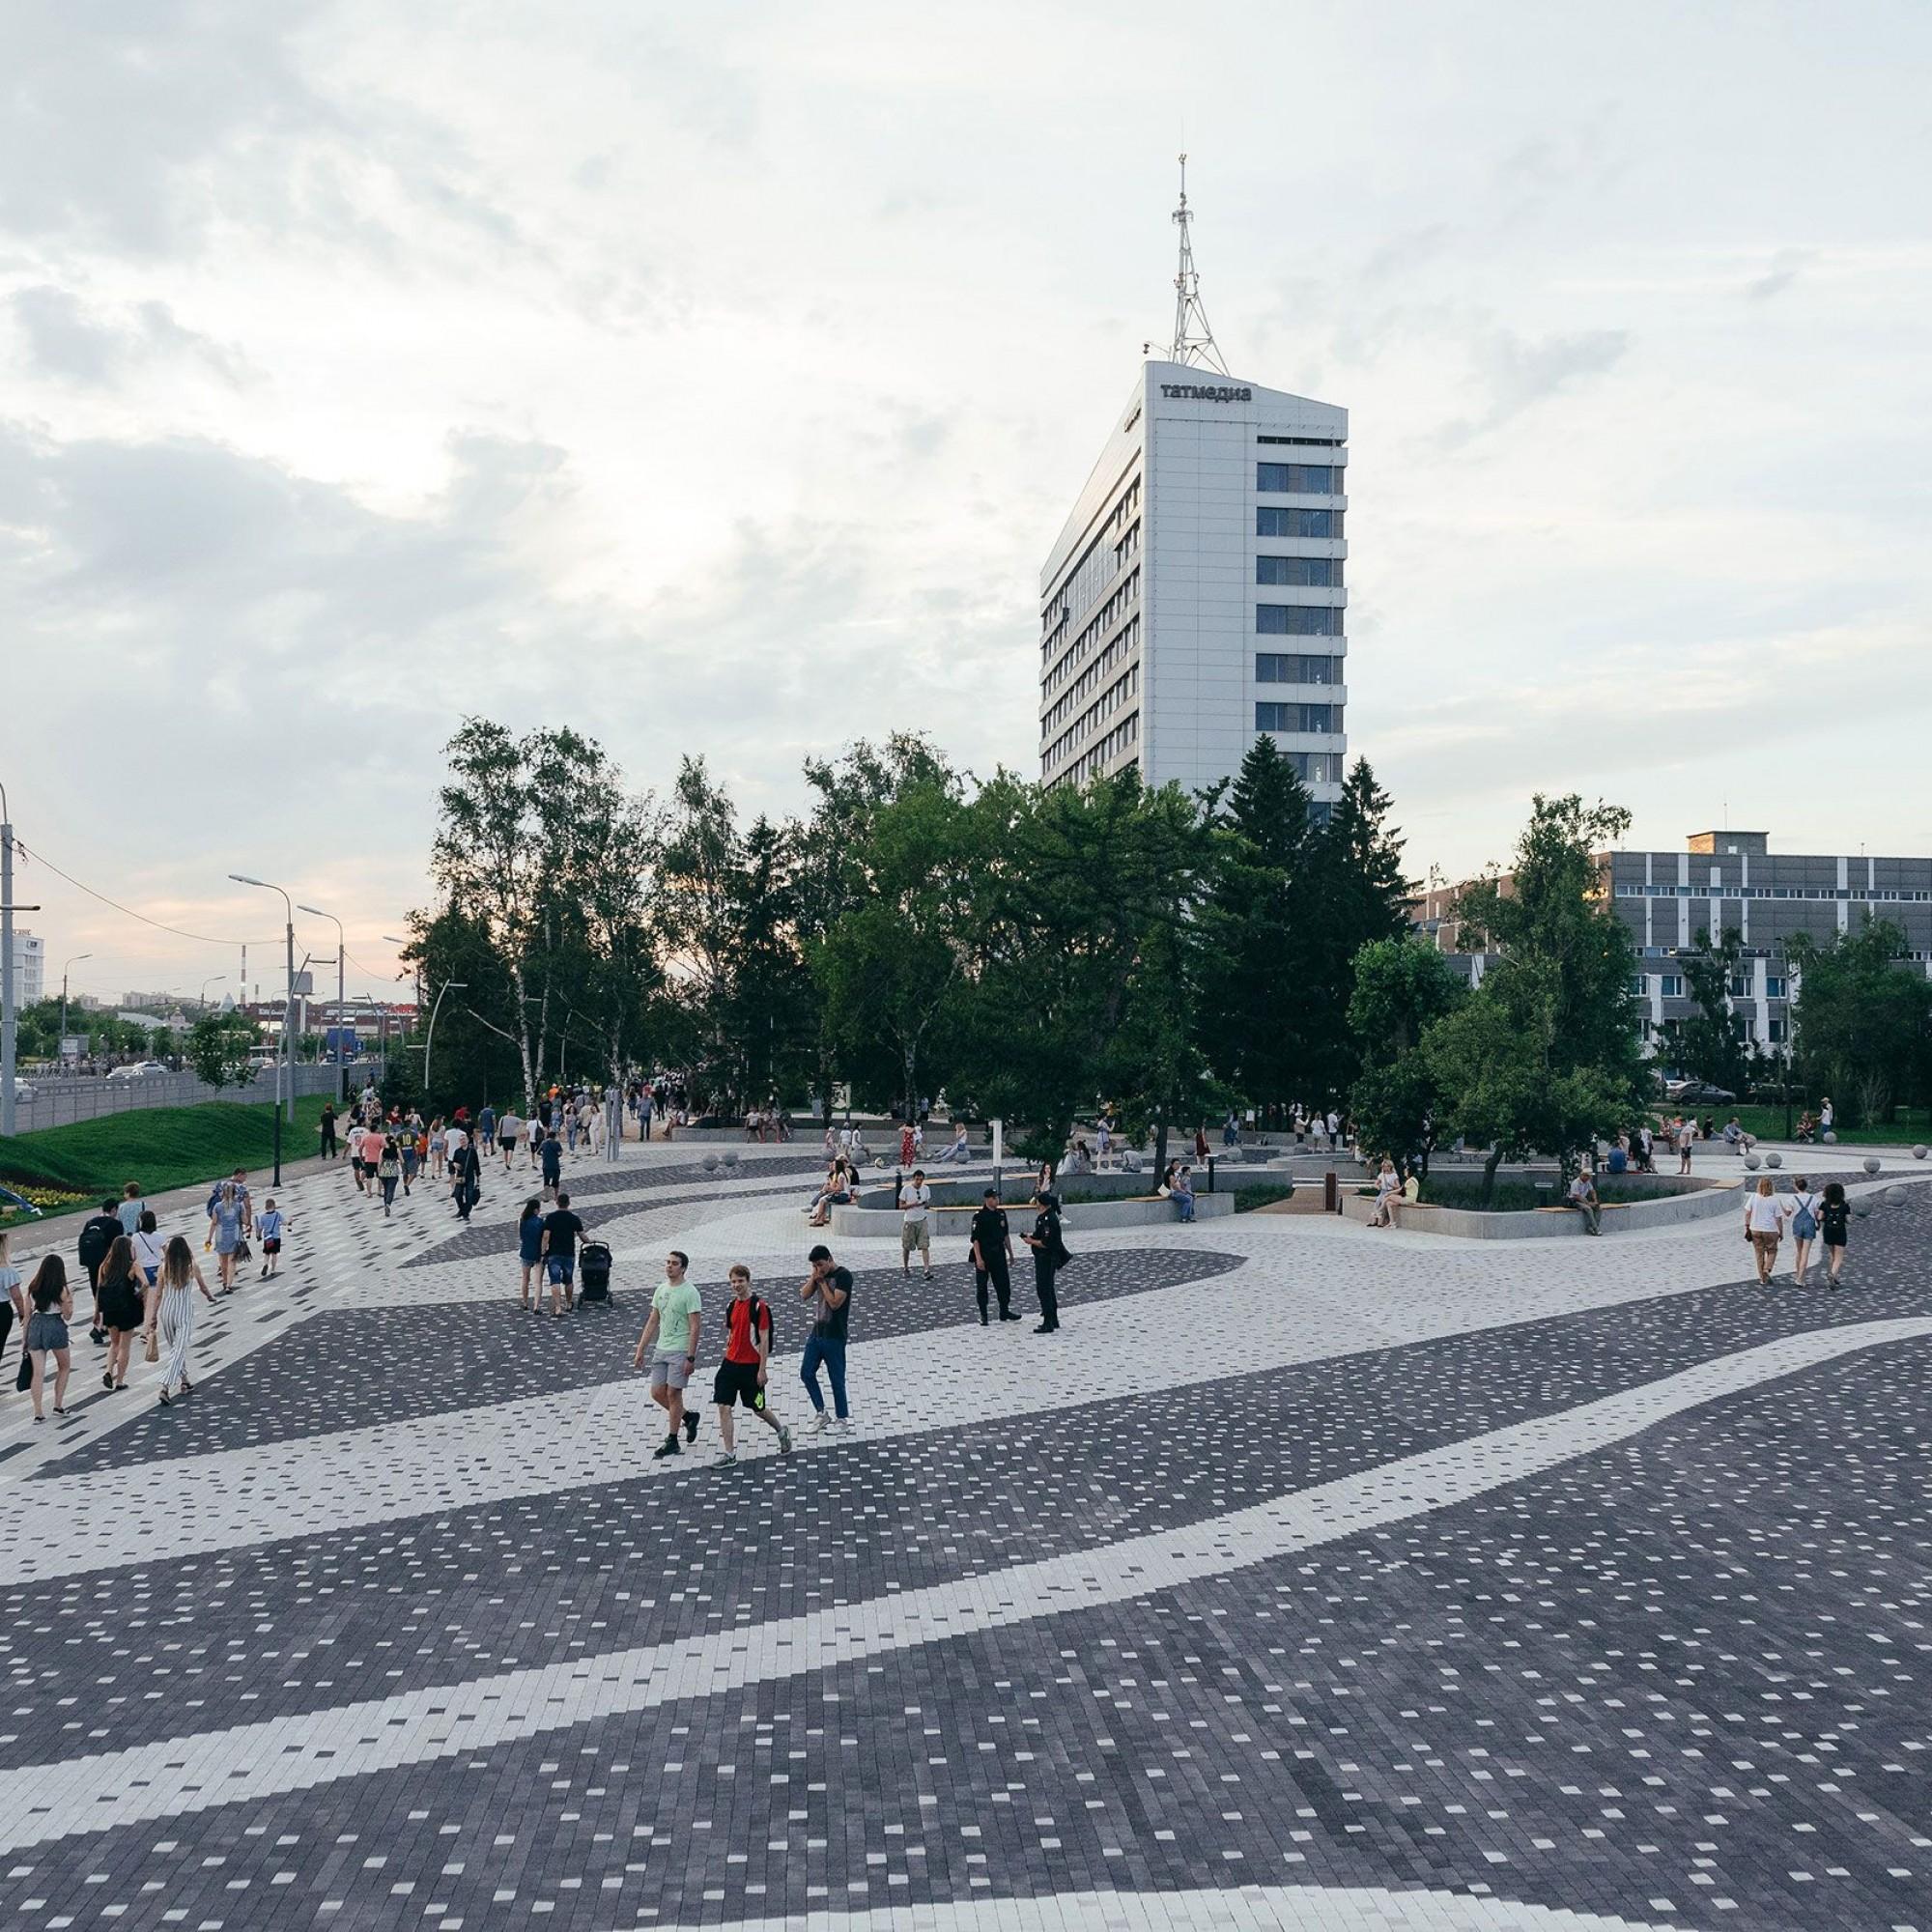 Festival Boulevard in Kasan.